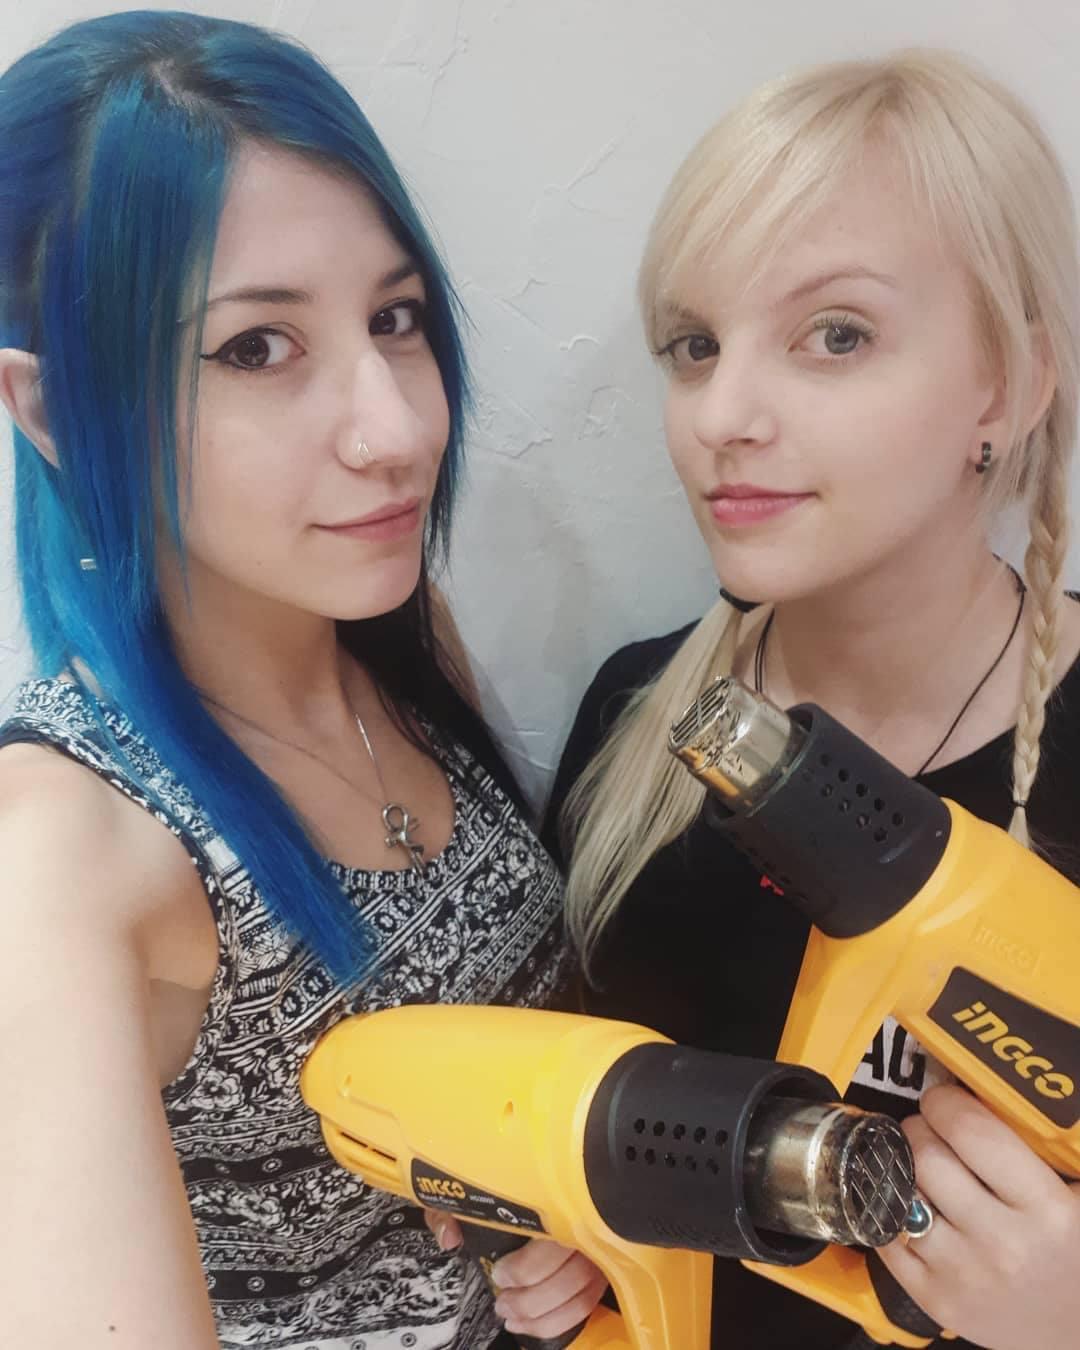 Hikari & Lorian - Costume & Prop Making